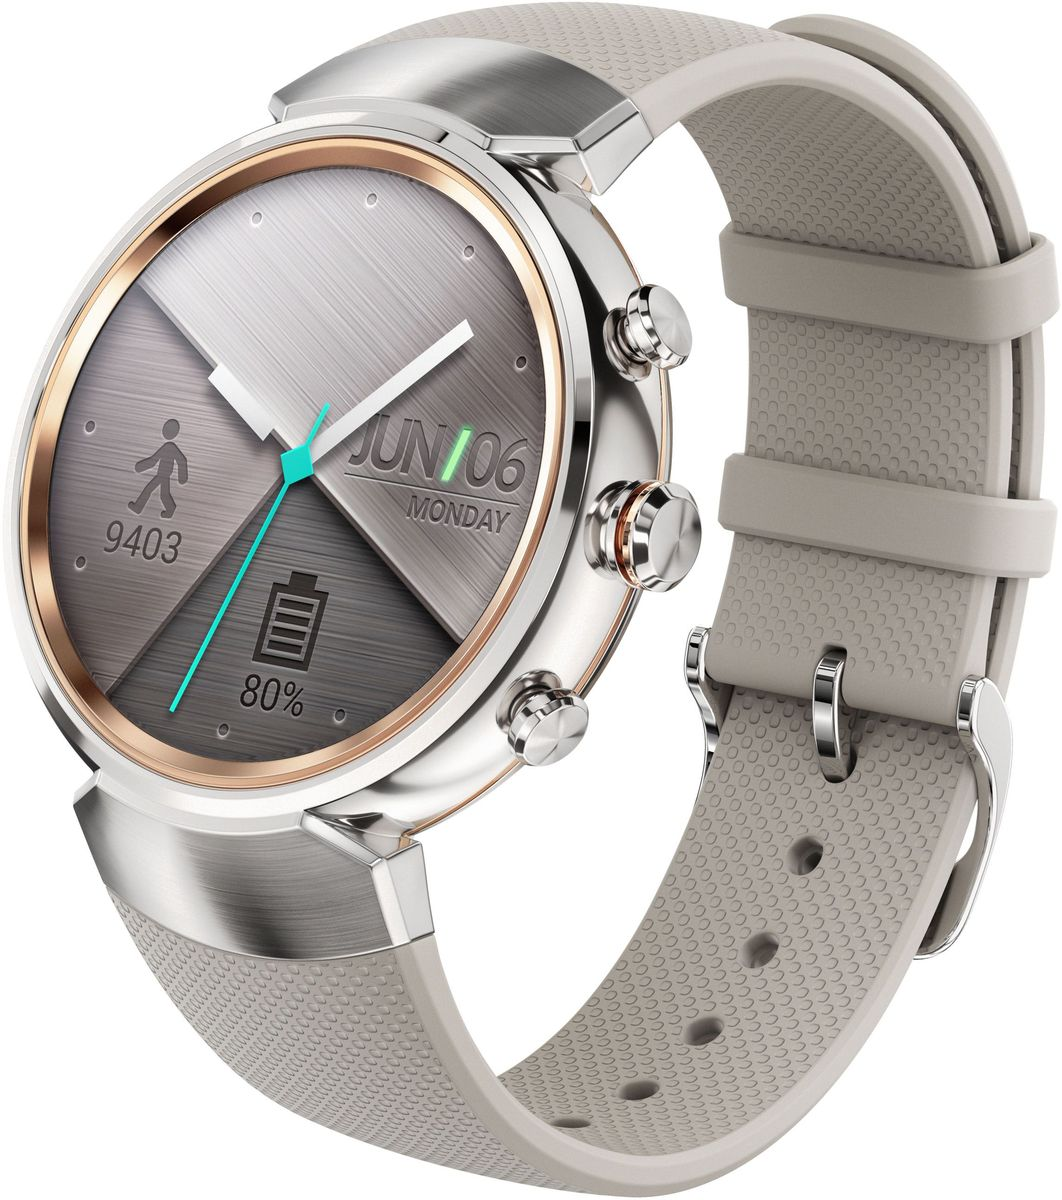 ASUS ZenWatch 3 WI503Q, Silver смарт-часыWI503Q-2RBGE0013ASUS ZenWatch 3 - это современное цифровое устройство, выполненное в соответствии с давними традициямичасового искусства из высококачественных материалов и с вниманием к каждой детали. Эти часы умеютделать гораздо больше, чем просто показывать время, а благодаря широким возможностям по персонализацииих интерфейса вы легко можете настроить их по своему вкусу. Длительное время автономной работы итехнология быстрой подзарядки аккумулятора делают ASUS ZenWatch 3 по-настоящему мобильнымустройством, которое всегда будет готово к работе.Своим внешним видом ASUS ZenWatch 3 ближе к традиционным часам, чем к современным цифровым гаджетам.Их стильный дизайн вдохновлен образом солнечного затмения, а широчайшая функциональность реализованас безупречным мастерством.Корпус часов ZenWatch 3 изготовлен из ювелирной нержавеющей стали марки 316L, которая наделяет их нетолько превосходным внешним видом, но и долговечностью, ведь ее прочность на 82% выше по сравнению собычной сталью. Высокий статус устройства подчеркивает тонкая отделка оправы.В облике нового устройства ASUS можно отметить необычные для умных часов элементы, а именно трибоковых кнопки. Верхняя кнопка является программируемой. Она предоставляет доступ к любимомуприложению или функции. Средняя кнопка переключает часы в различные режимы работы, а нижняямоментально активирует специальный энергосберегающий режим.Три визуальных темы и более 50 эксклюзивных вариантов циферблата, с которыми поставляются часы ZenWatch3, позволяют легко настроить их внешний вид по своему вкусу.Часы ZenWatch 3 помогают структурировать различную информацию - сообщения от друзей, напоминания озапланированных встречах, прогноз погоды и многое другое - и выдают ее в нужный момент в удобном длявосприятия формате.ZenWatch Manager - это приложение для смартфонов, которое предназначено для управления различнымифункциями часов ZenWatch 3. С его помощью можно выбрать циферблат и вывести на экран до тр